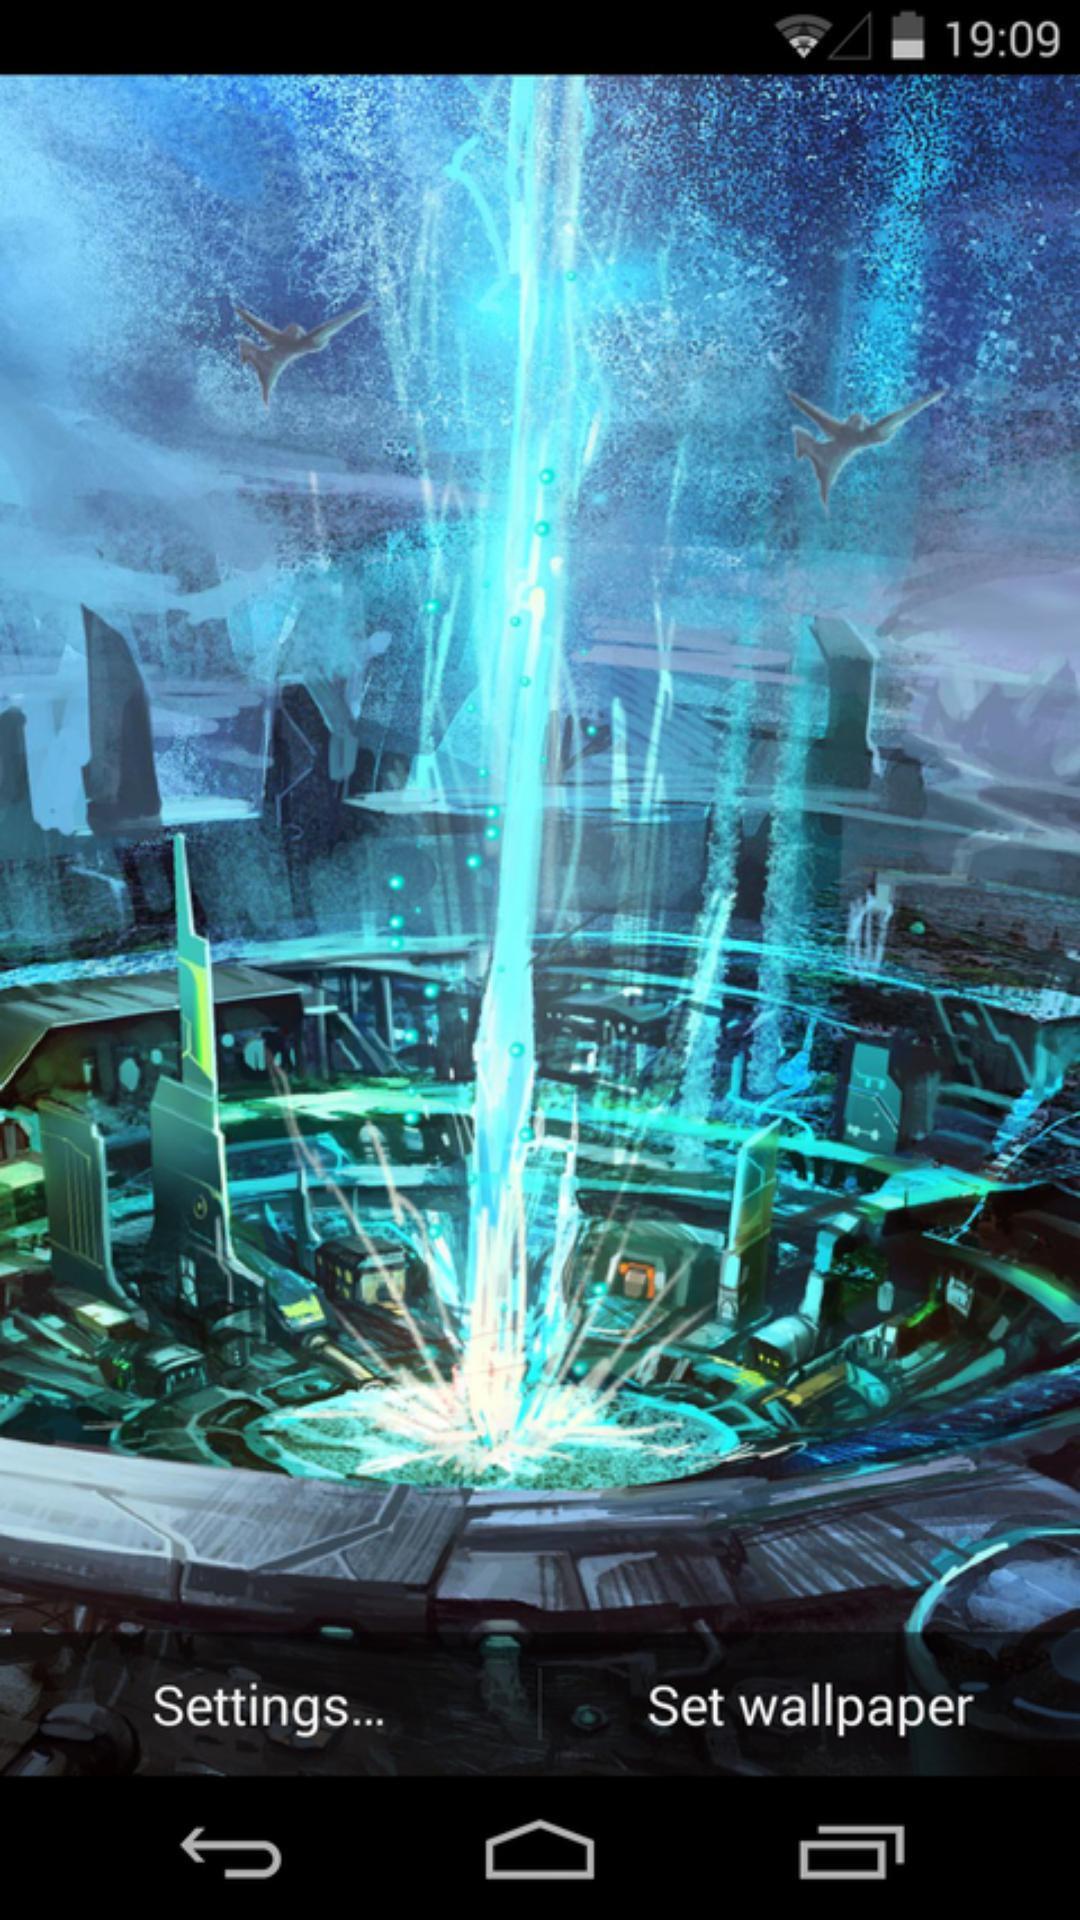 未來世界-夢象動態壁紙圖片